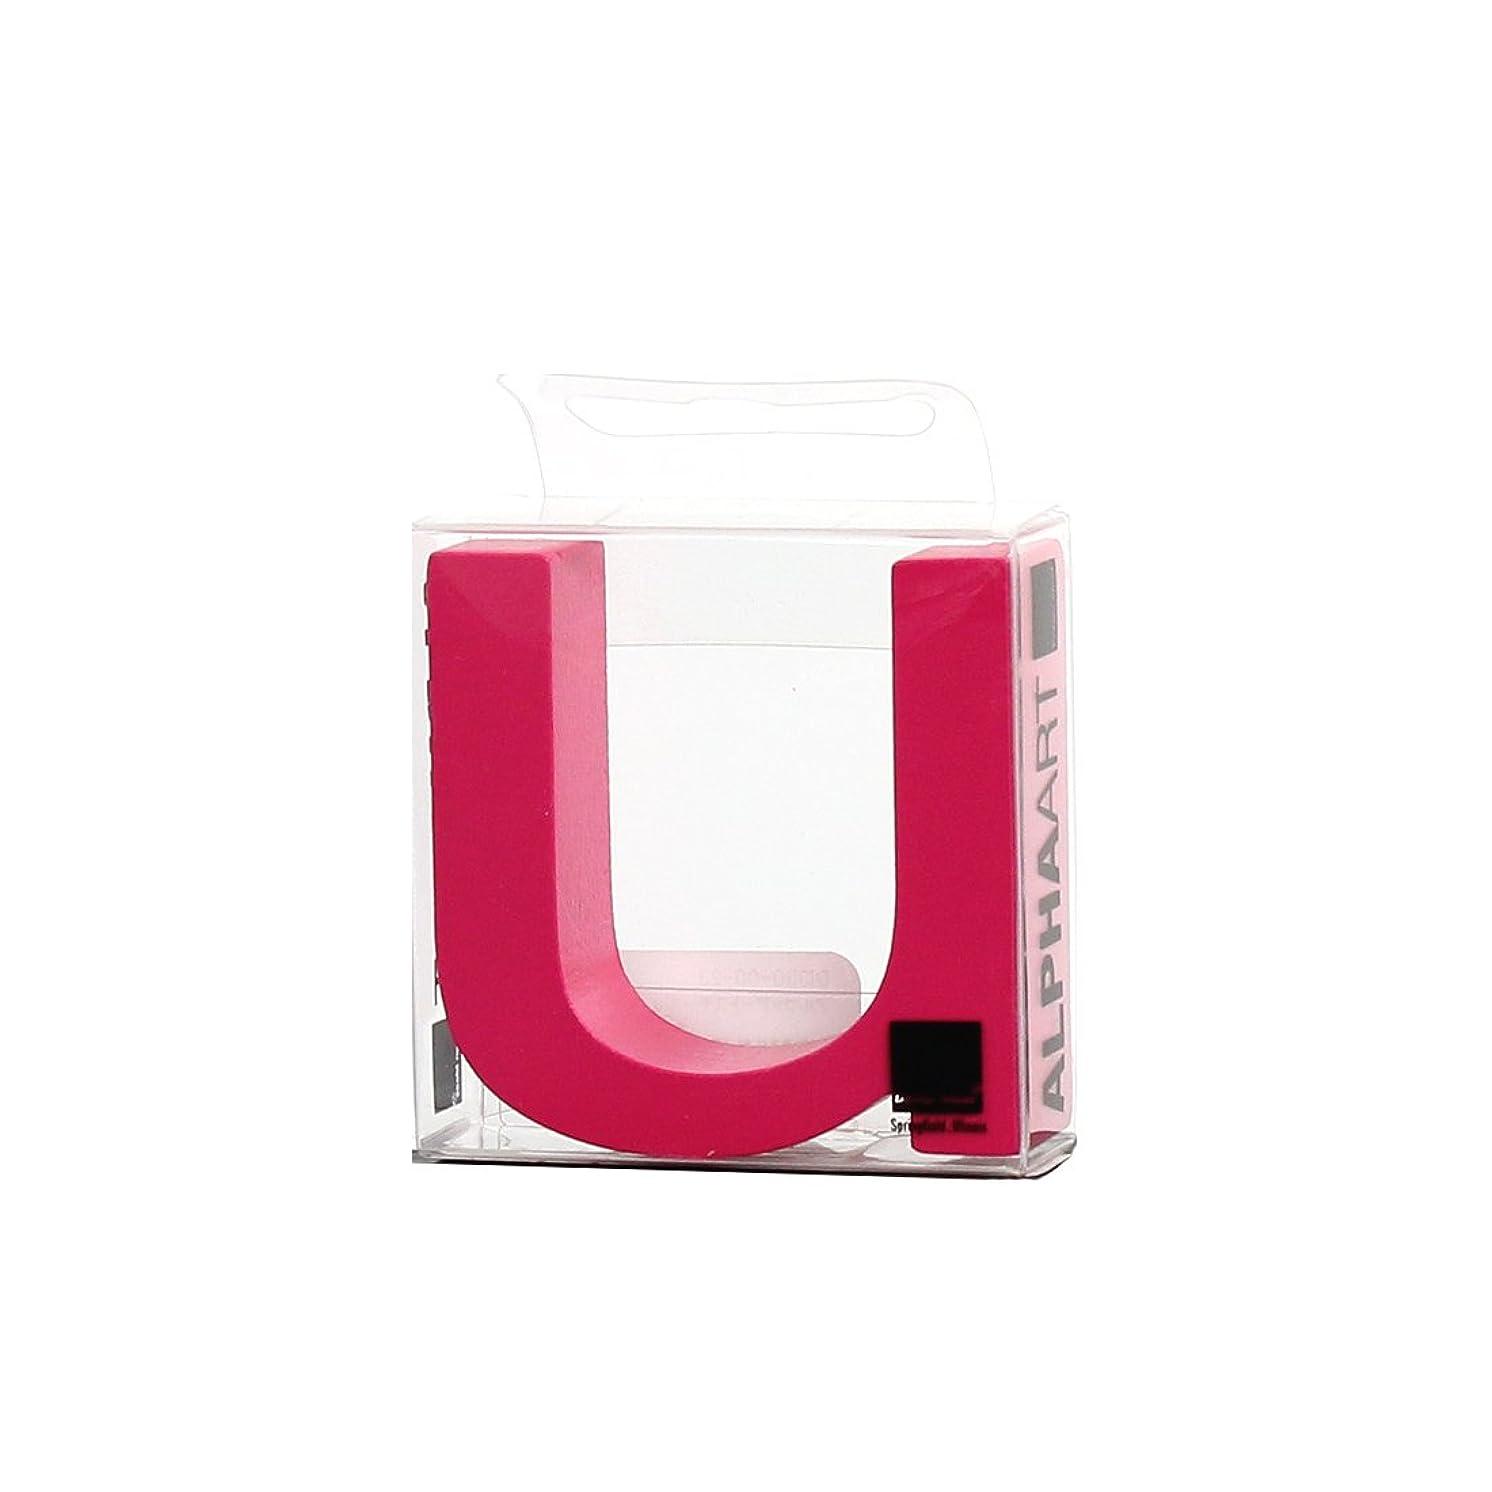 規則性許される希少性カメヤマキャンドルハウス アルファベットブロック カラフル  アルファアートスモールu 「 ピンク 」